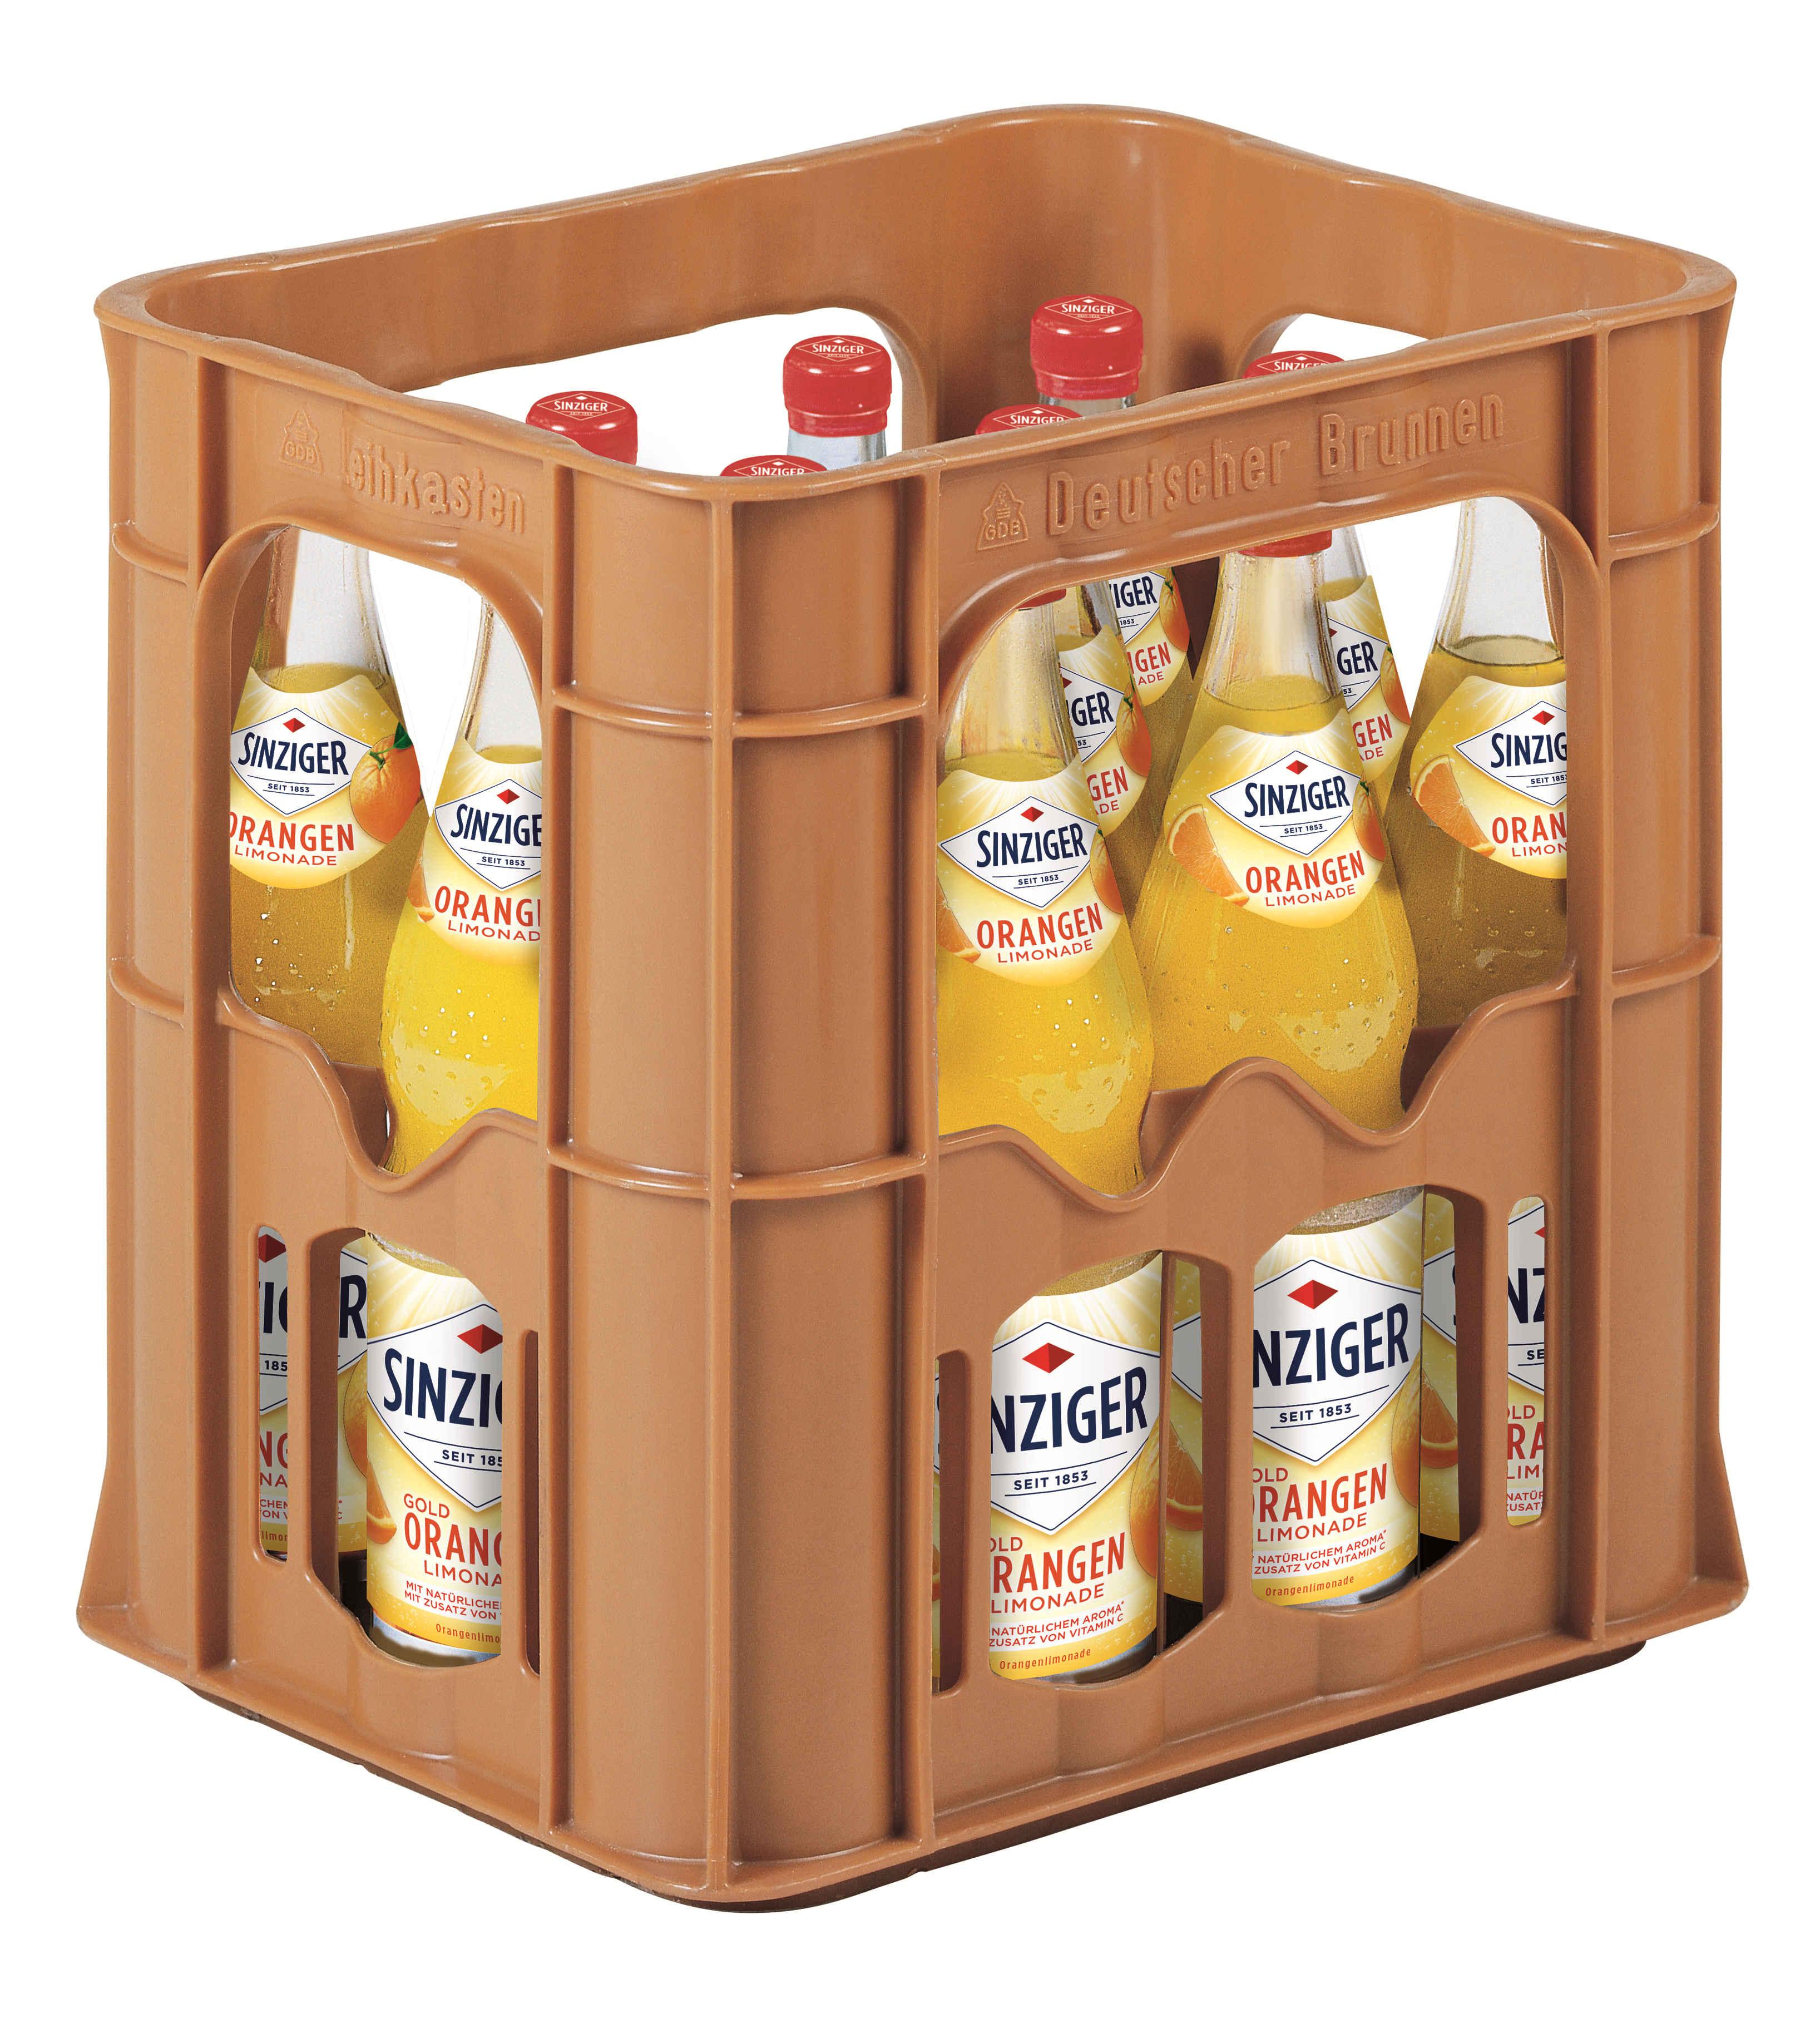 Sinziger Limonade Orange 12x0,7l Mehrweg Glas